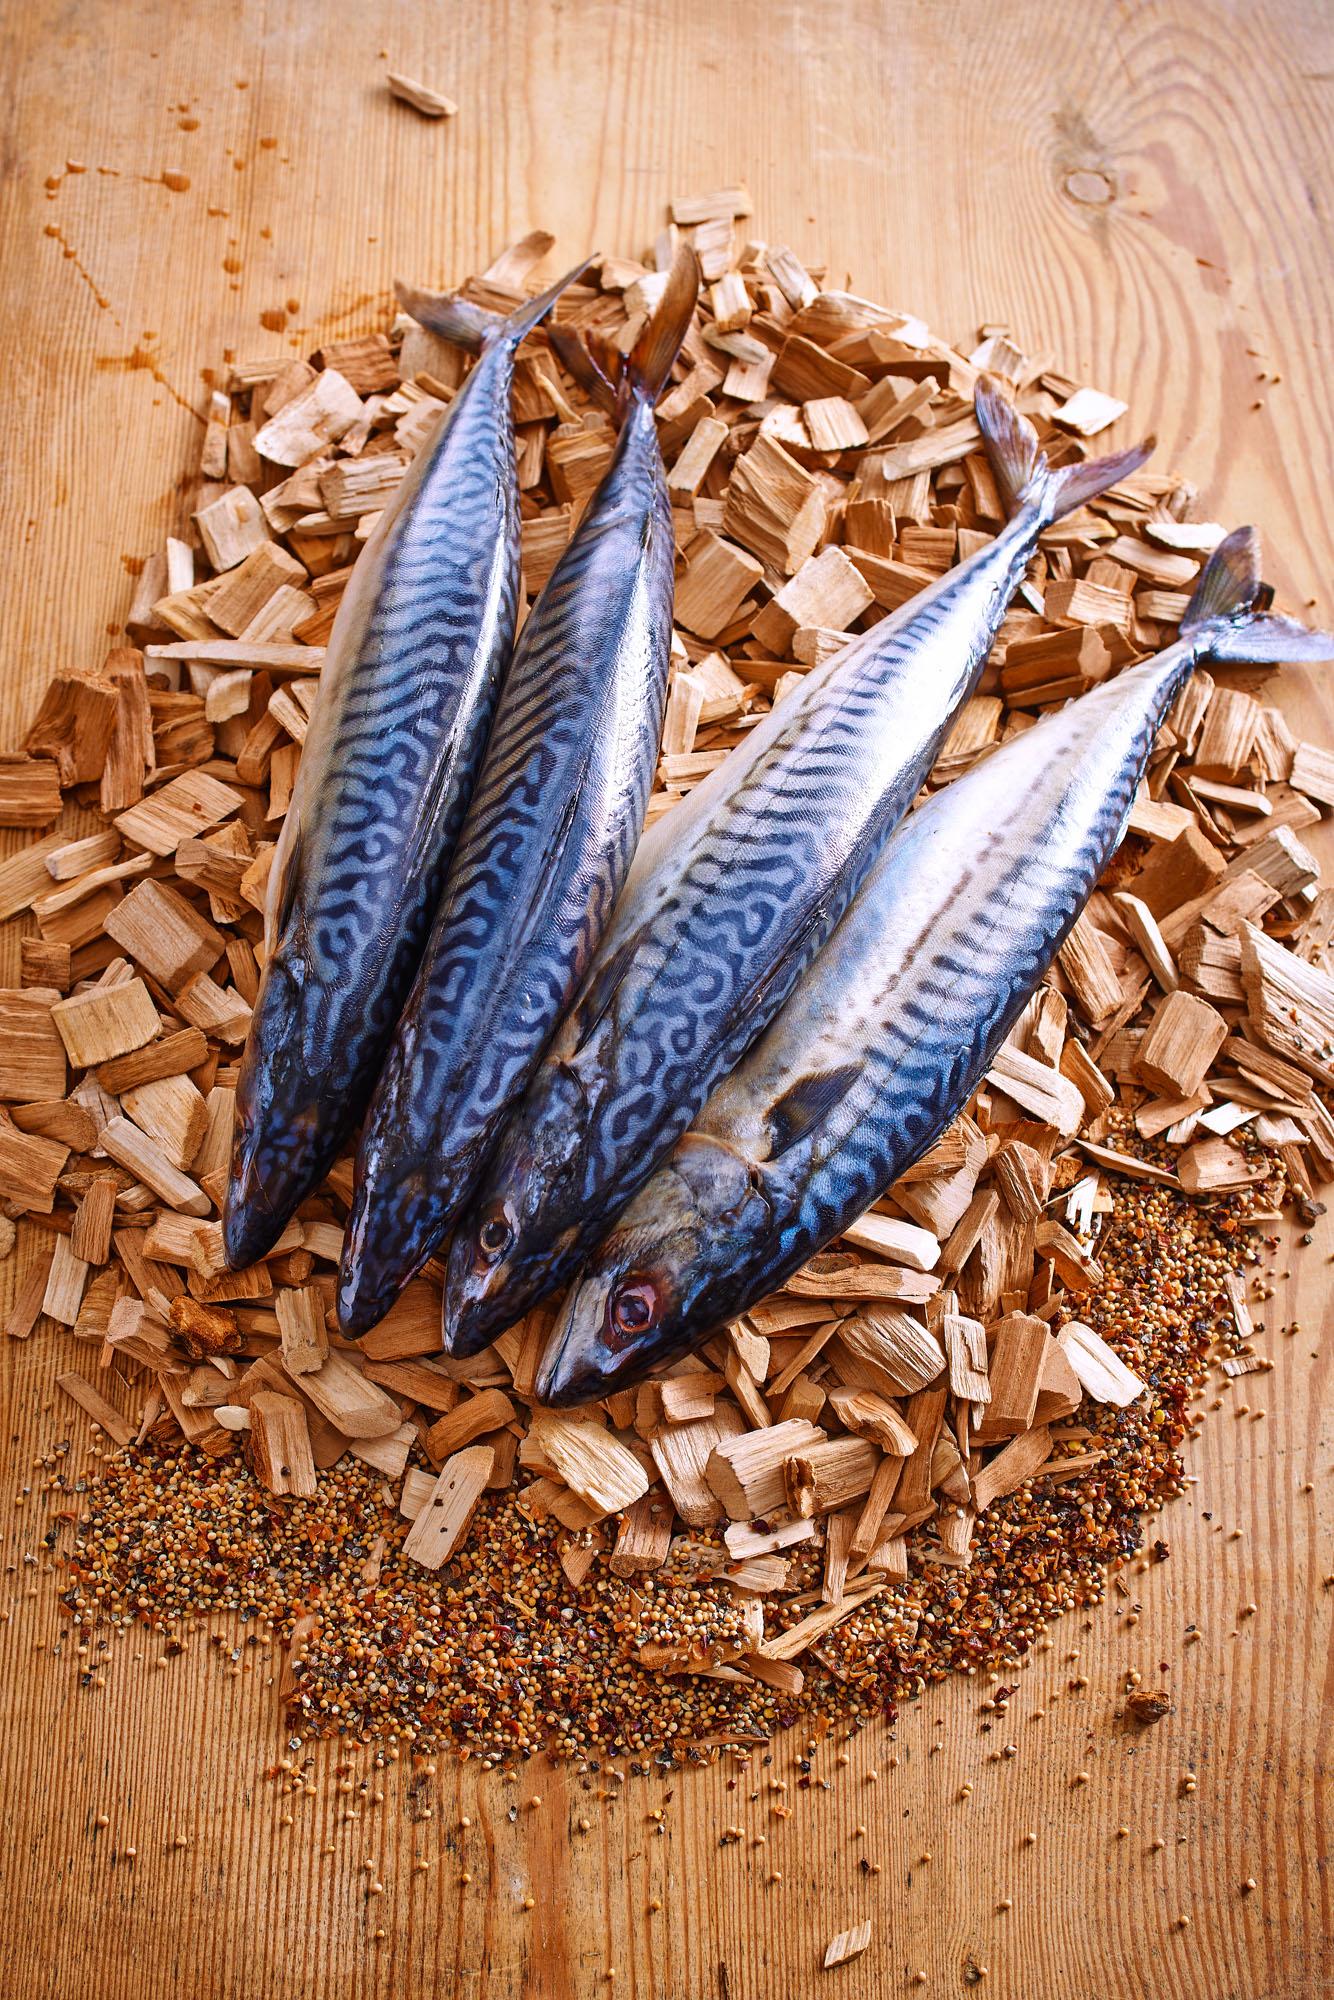 Foodfoto-Fisch-0040